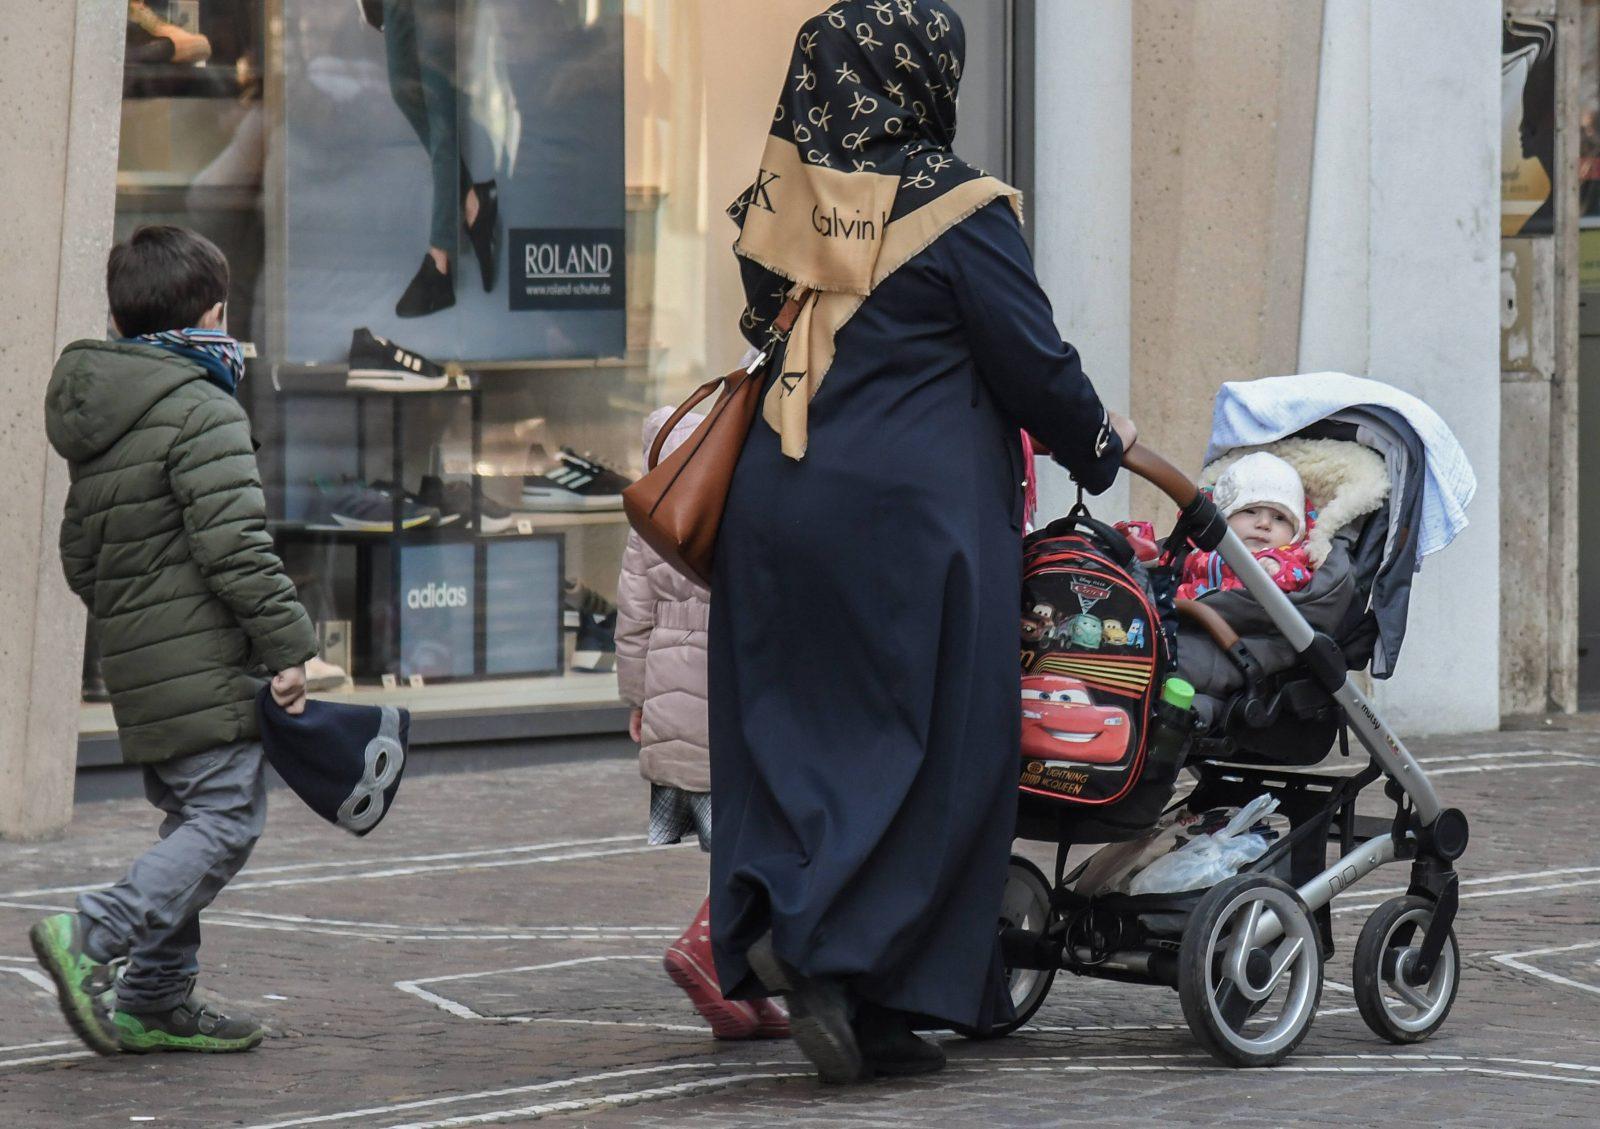 Moslemin mit Kindern in Freiburg